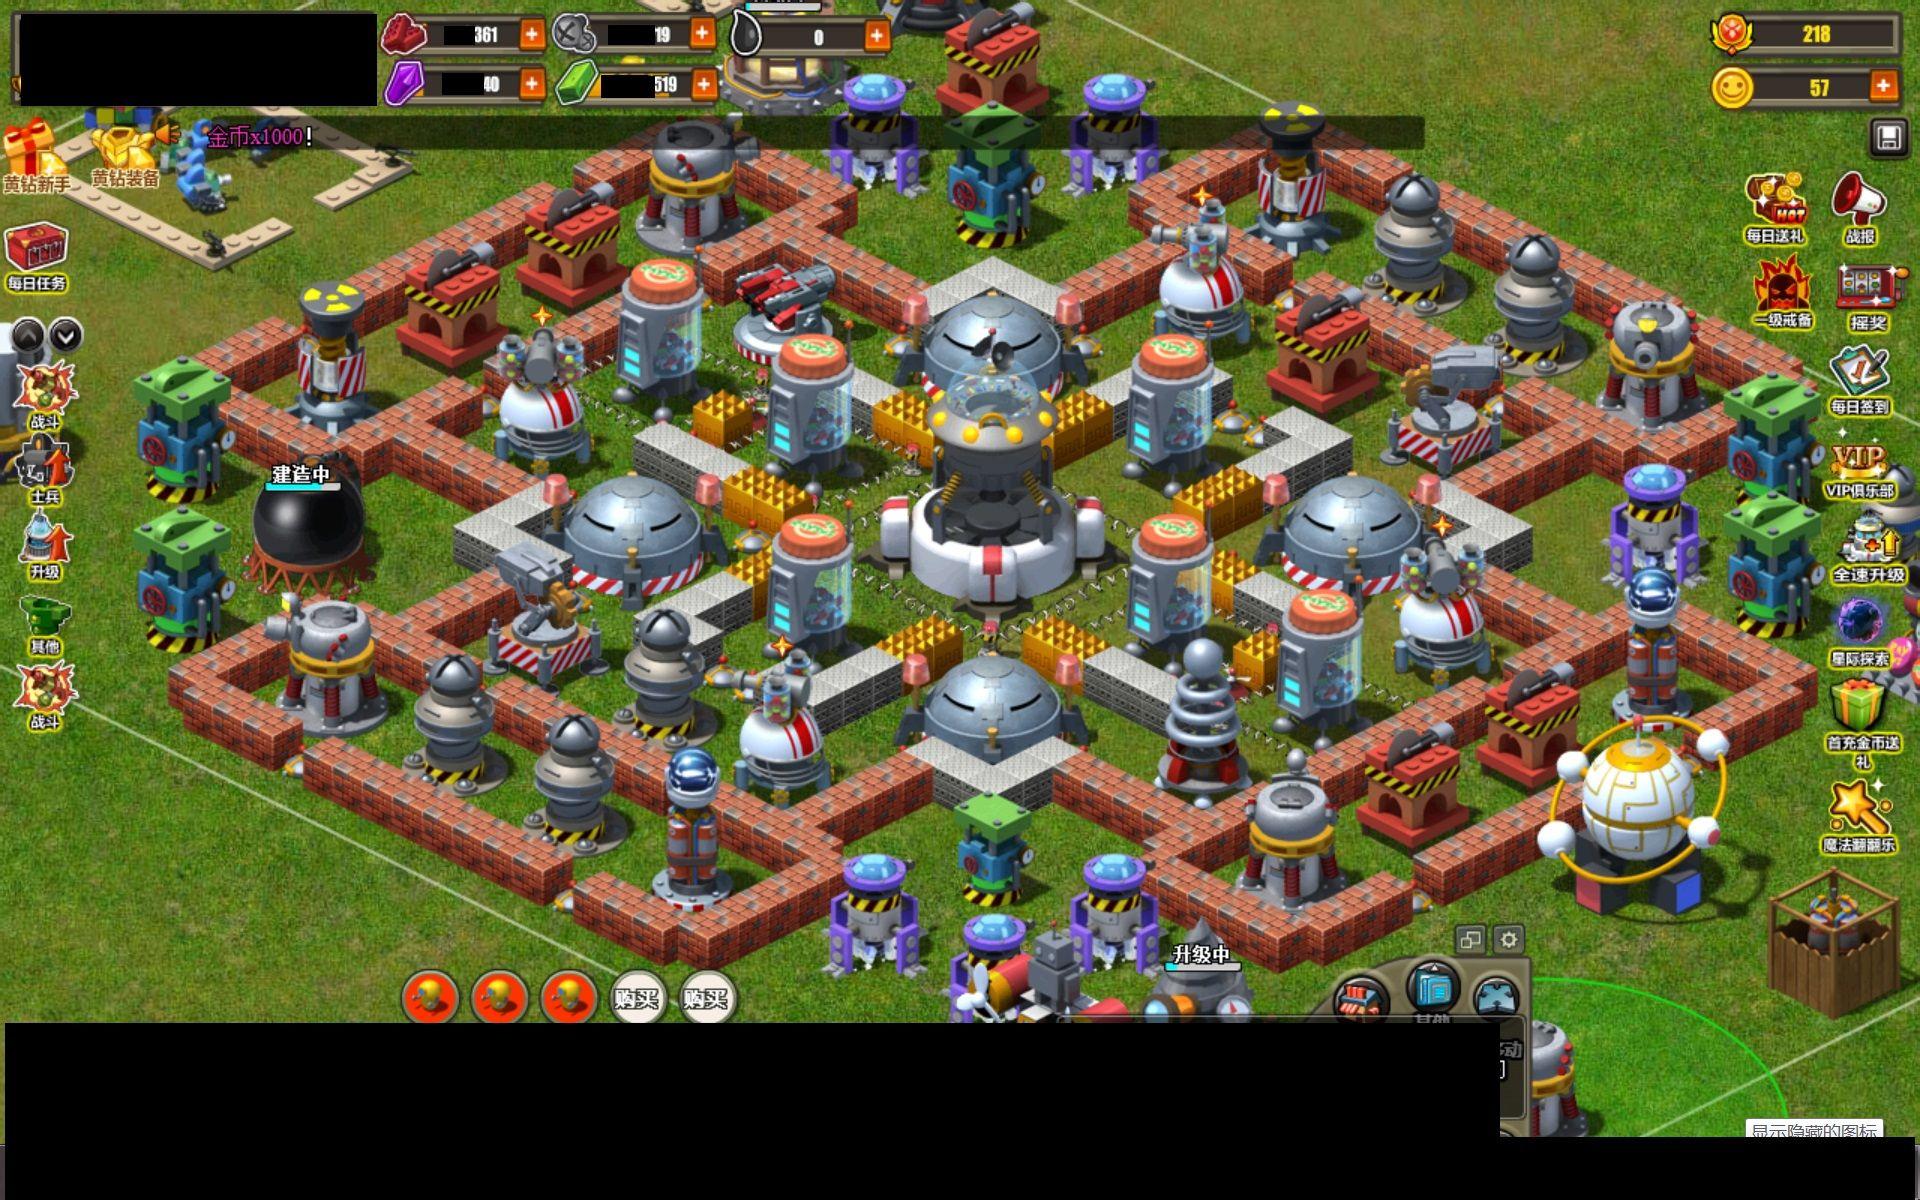 玩具战争阵型图_玩具战争13级主基地阵型_百度知道